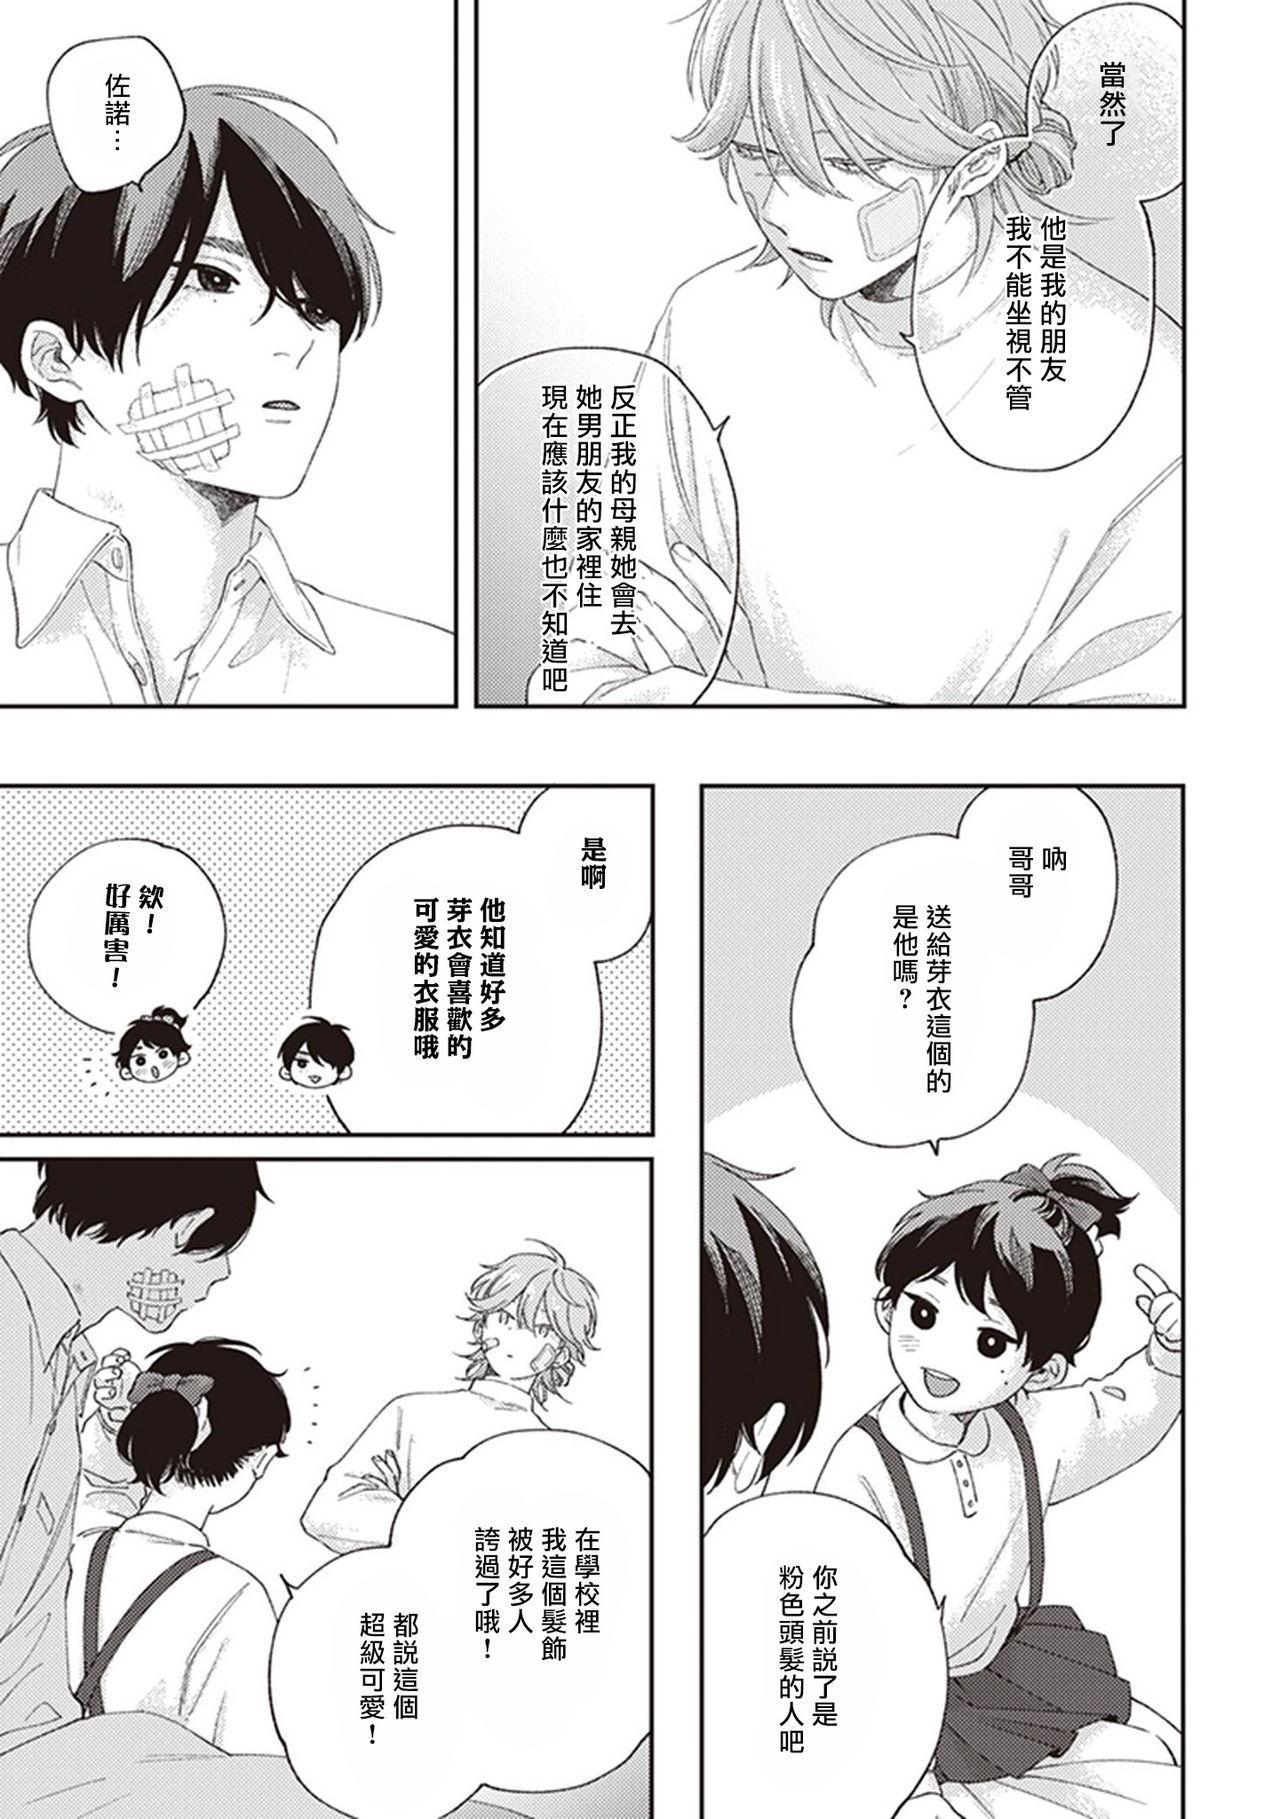 Fukutsu no Zono   不屈的佐诺 Ch. 1-3 106